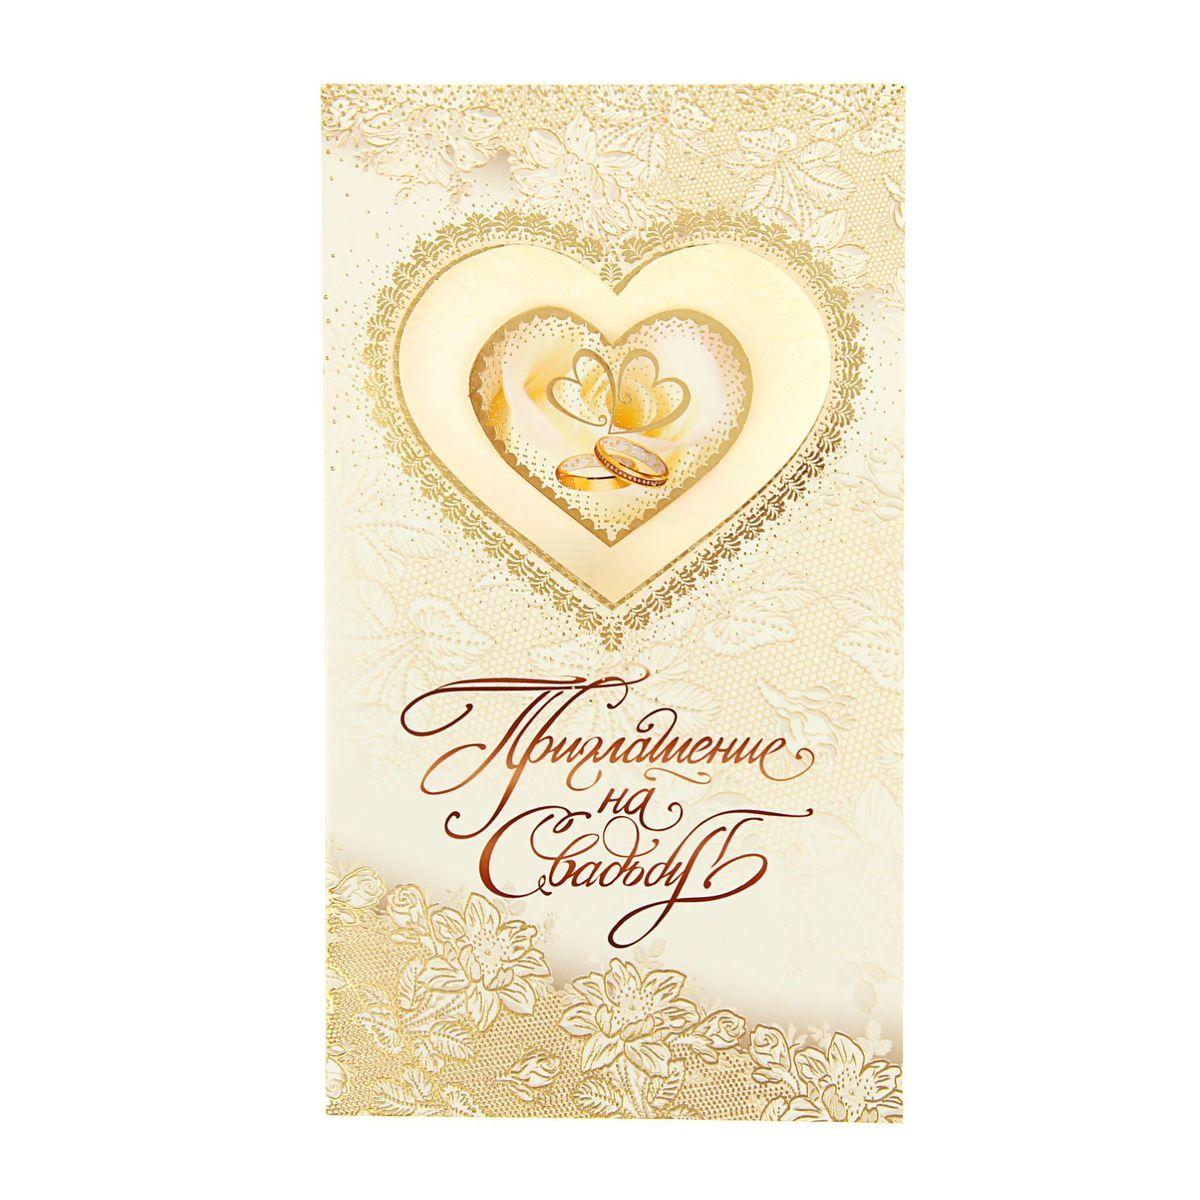 Эдельвейс Приглашение на свадьбу, сердца и кольца1145471Приглашение — один из самых важных элементов вашего торжества. Задумайтесь, ведь именно пригласительное письмо станет первым и главнымобъявлением о том, что вы решили провести столь важное мероприятие. И эта новость обязательно должна быть преподнесена достойным образом.Приглашение —не отдельно существующий элемент, но весомая часть всей концепции праздника.